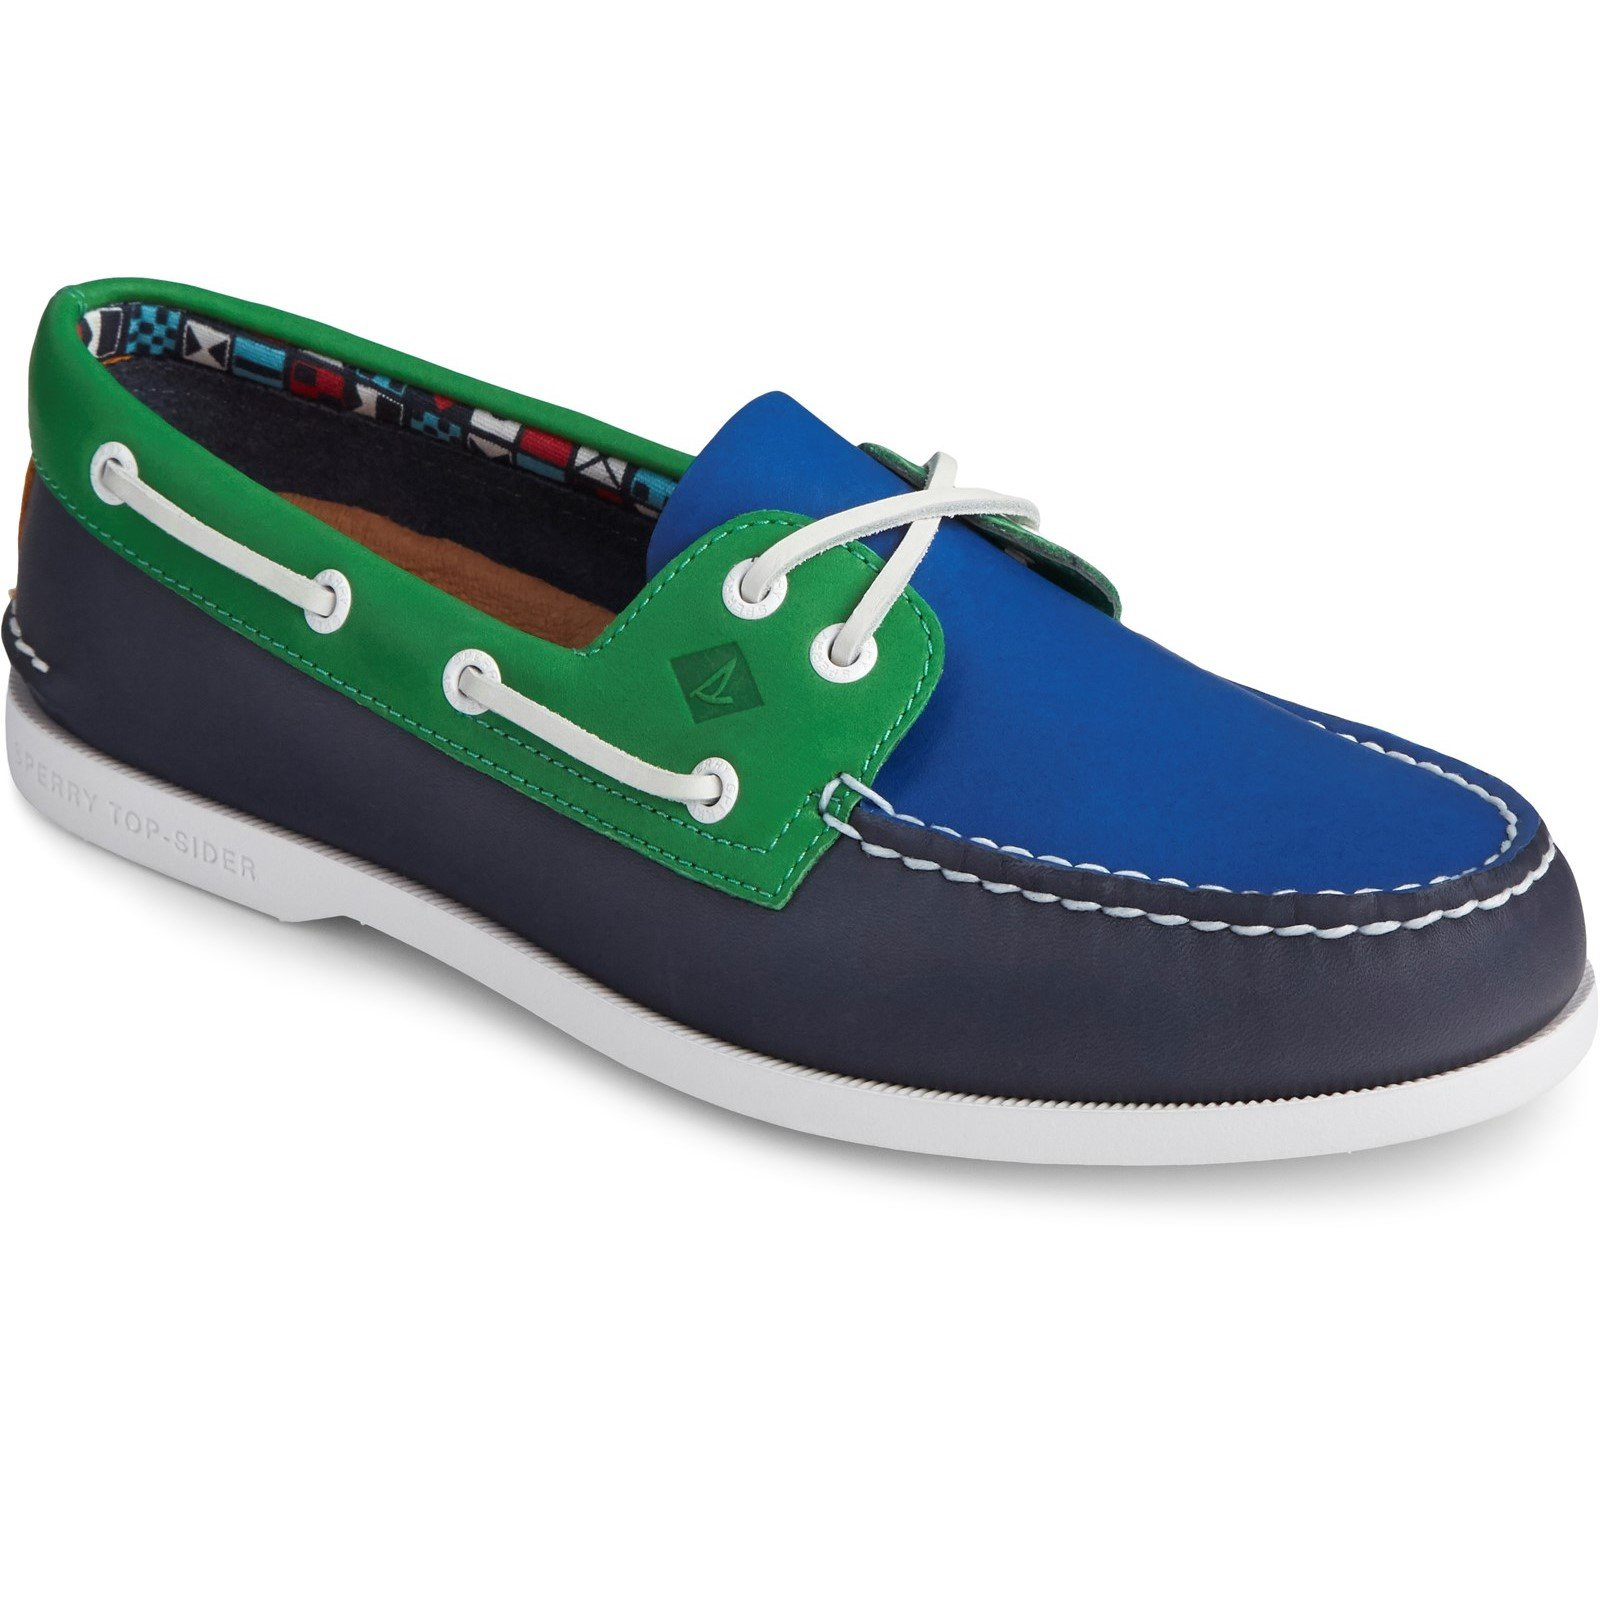 Sperry Men's Authentic Original PLUSHWAVE Boat Shoe Various Colours 31732 - Navy Multi 10